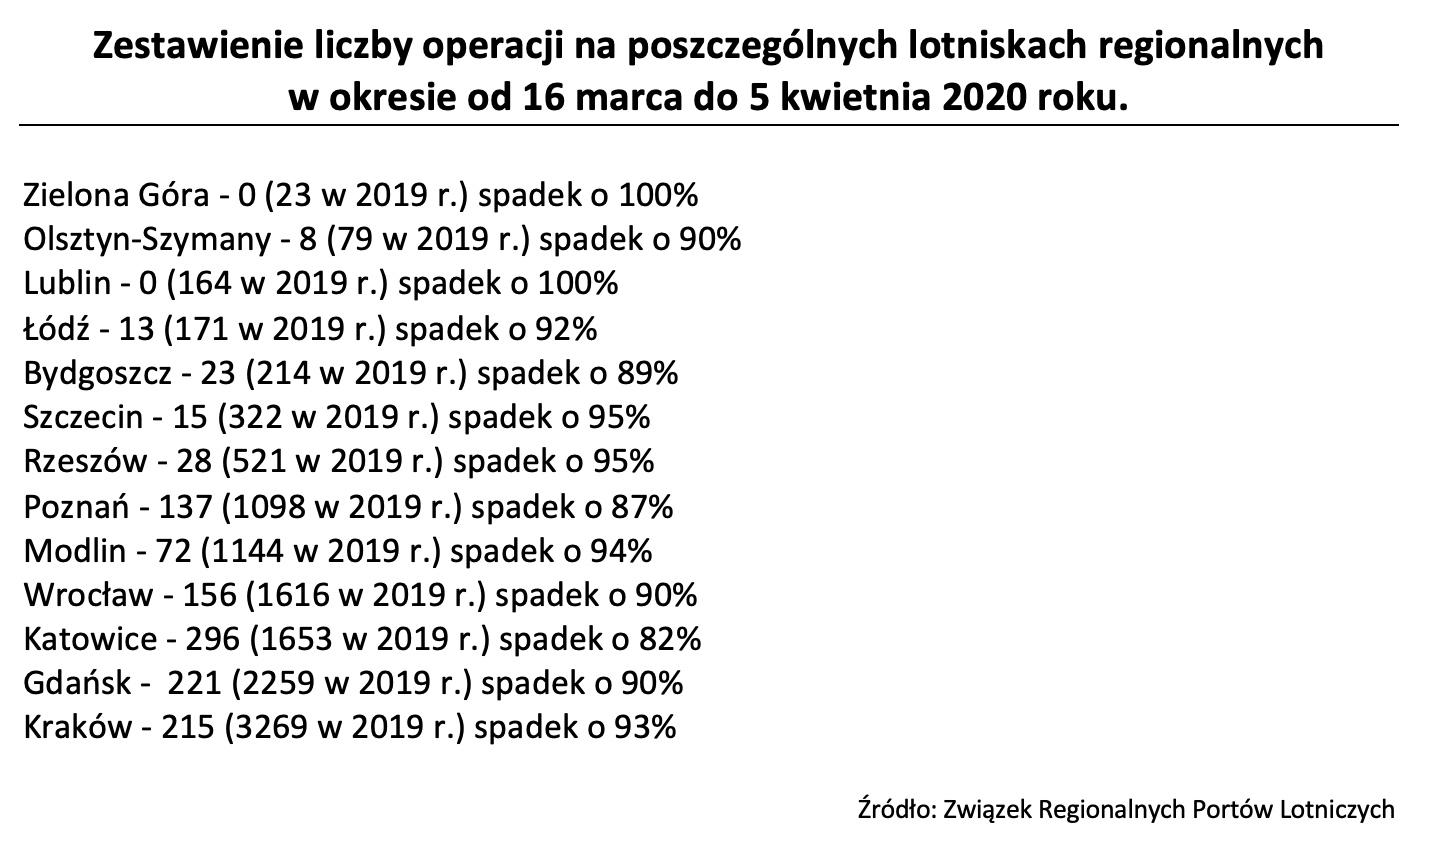 Liczba operacji w portach regionalnych.jpg